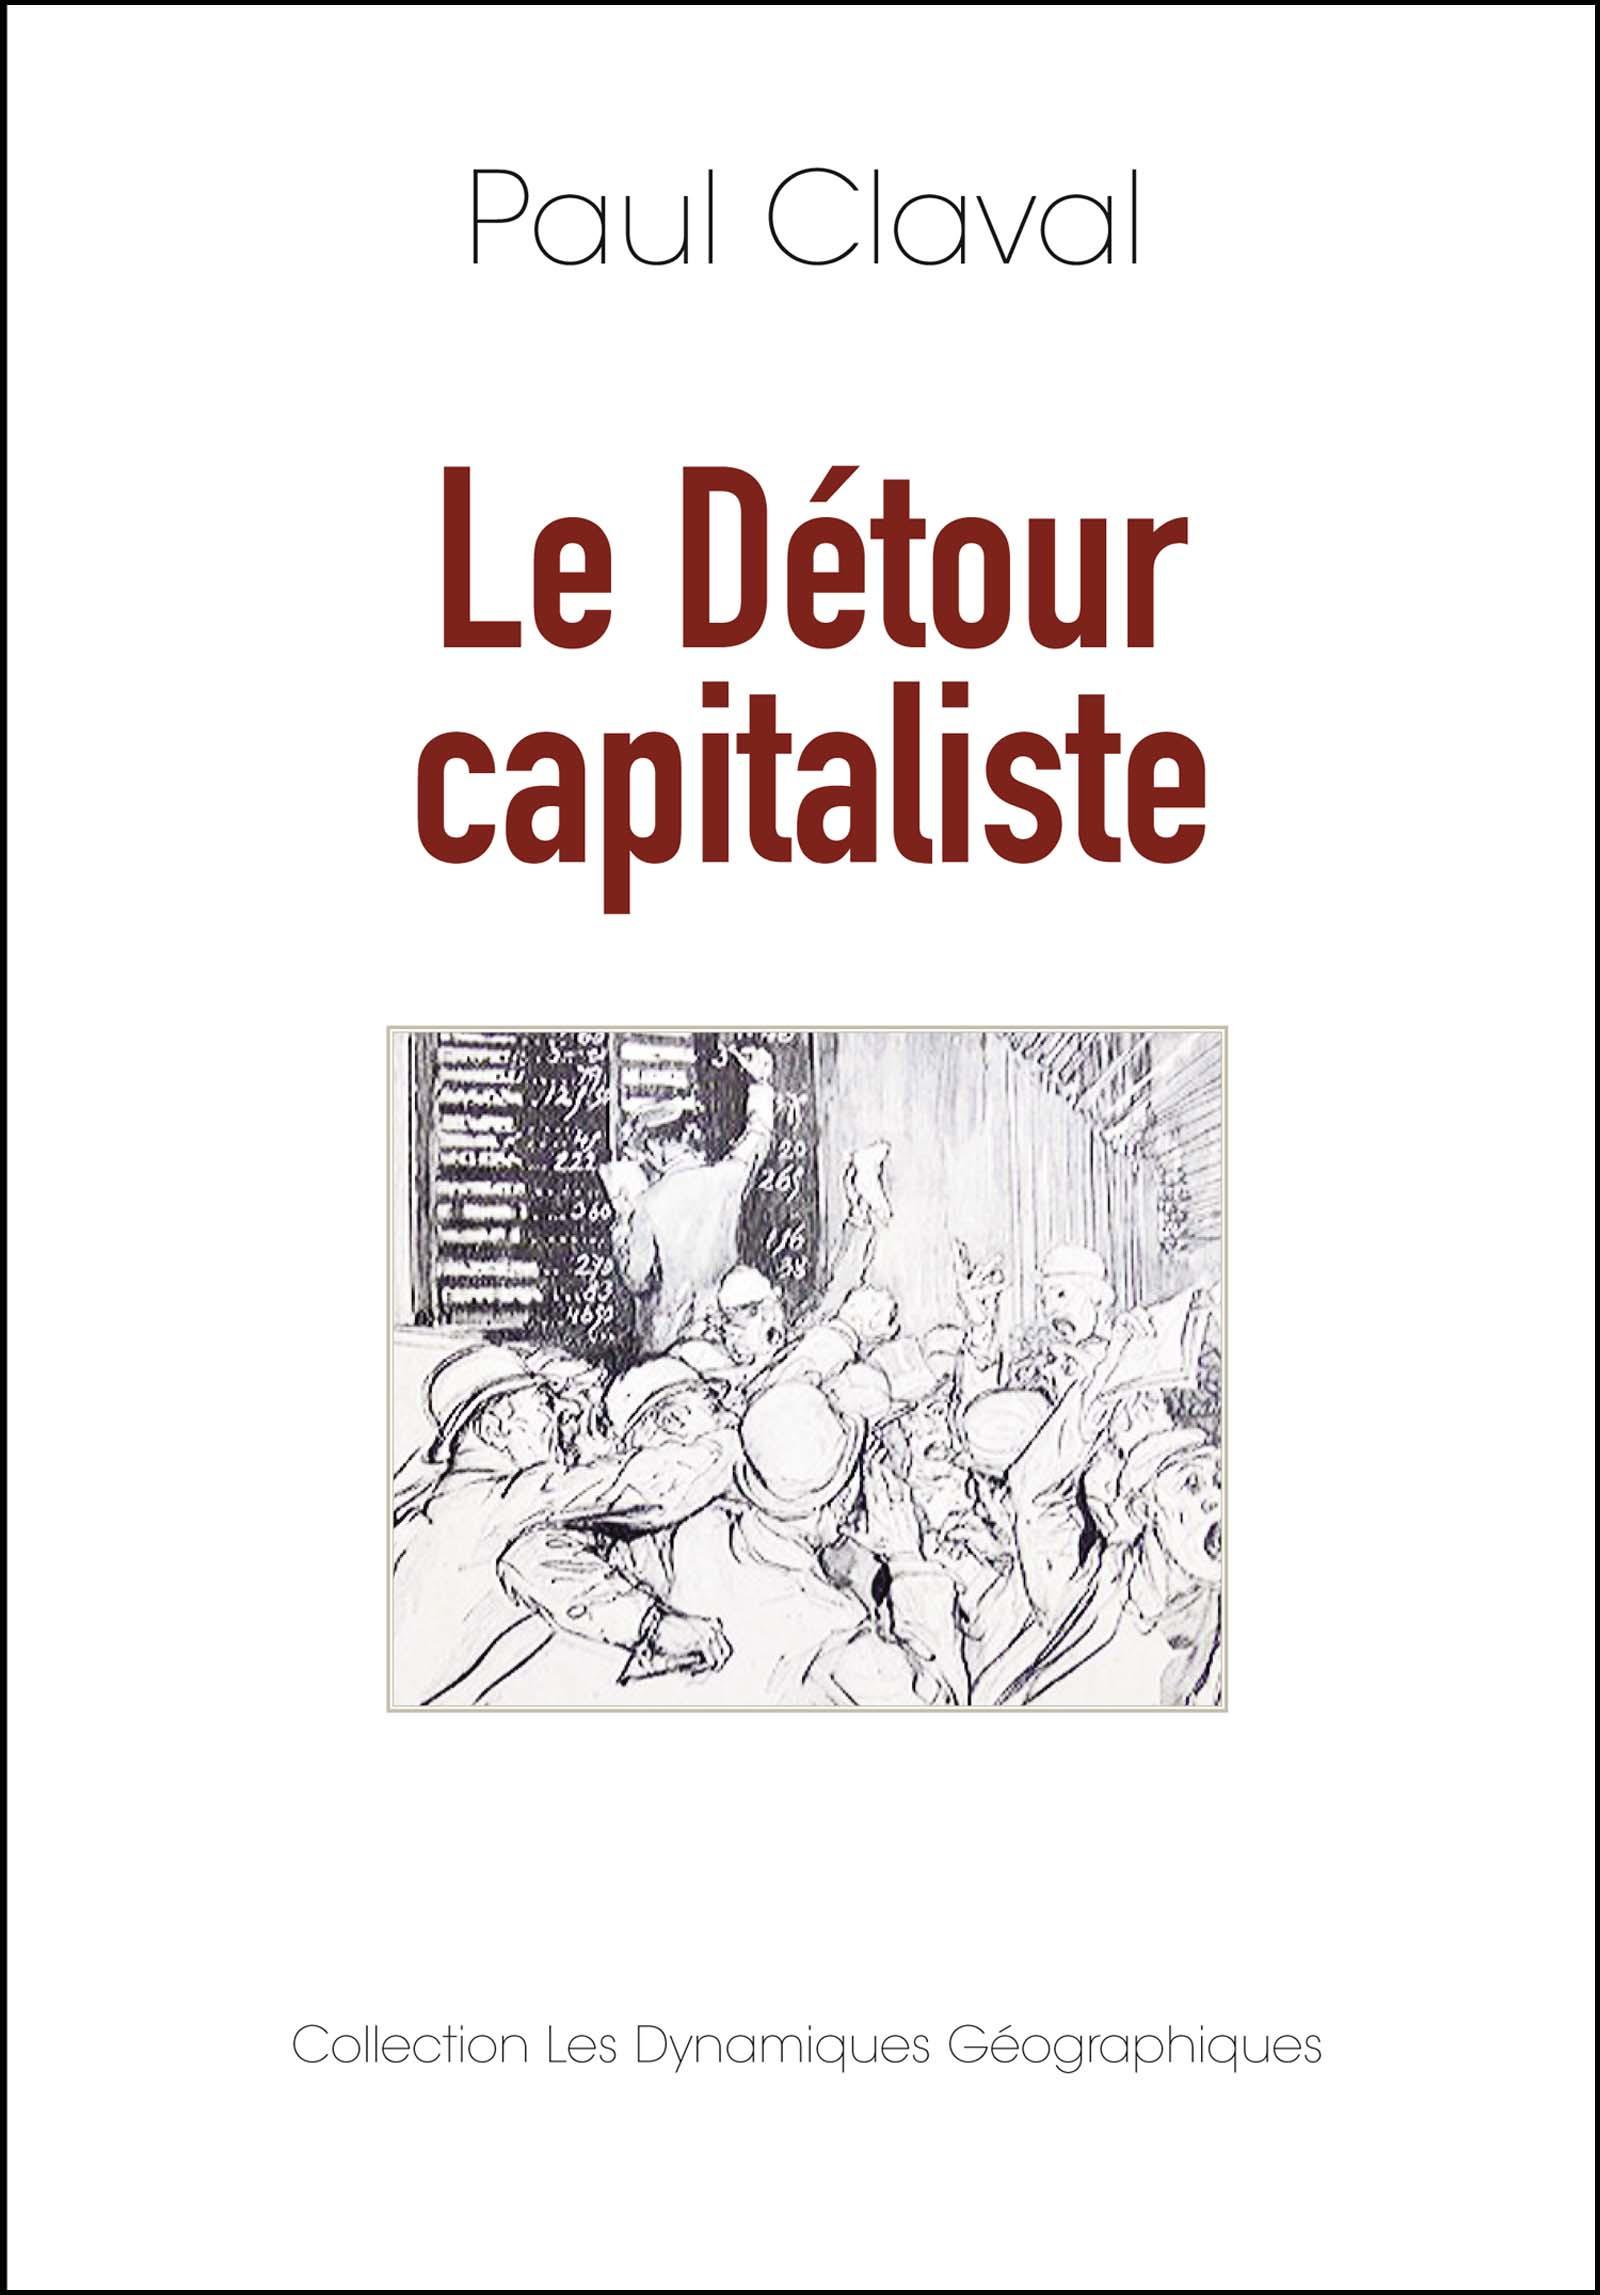 Le détour capitaliste